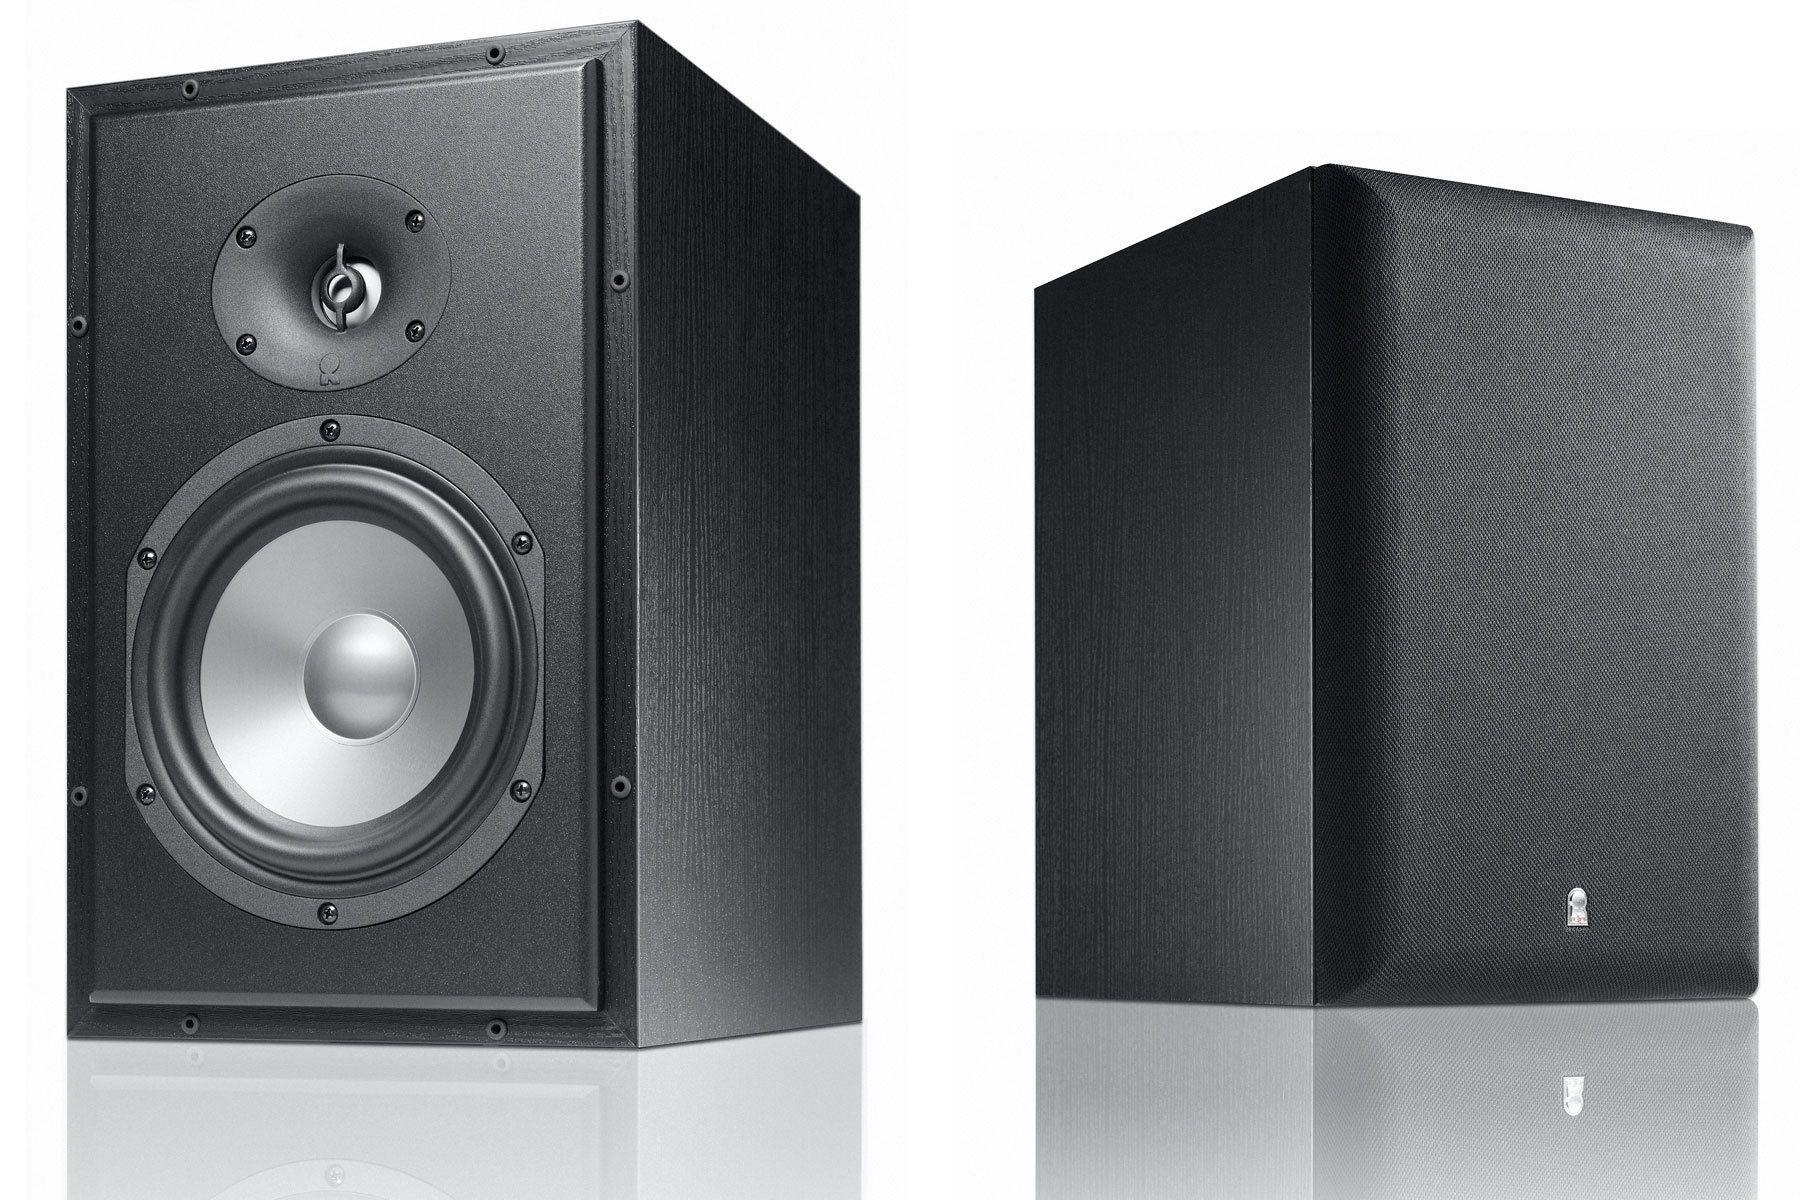 1reval_speakers_1.jpg